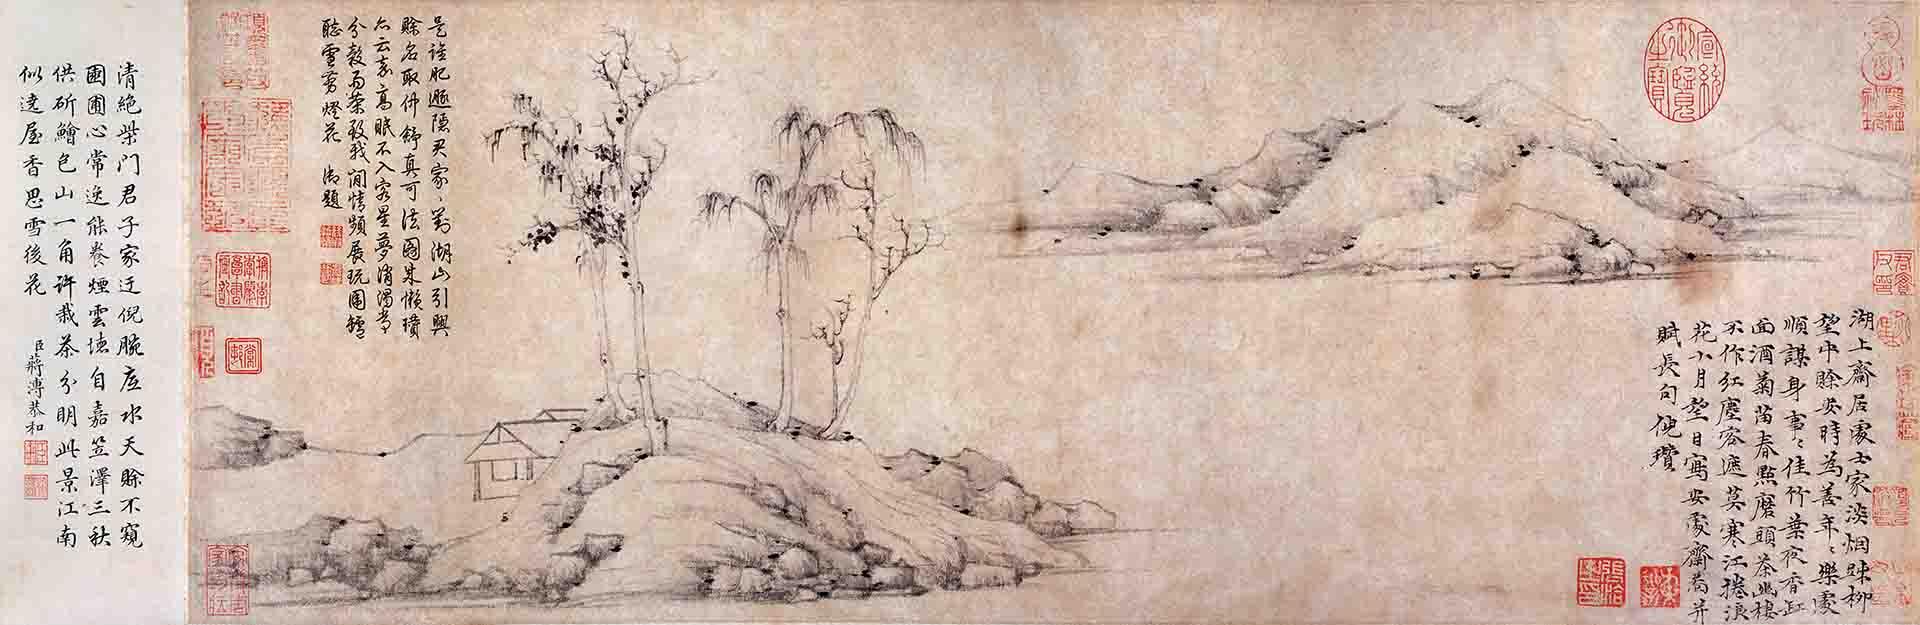 元 倪瓒 安处斋图卷纸本29×605